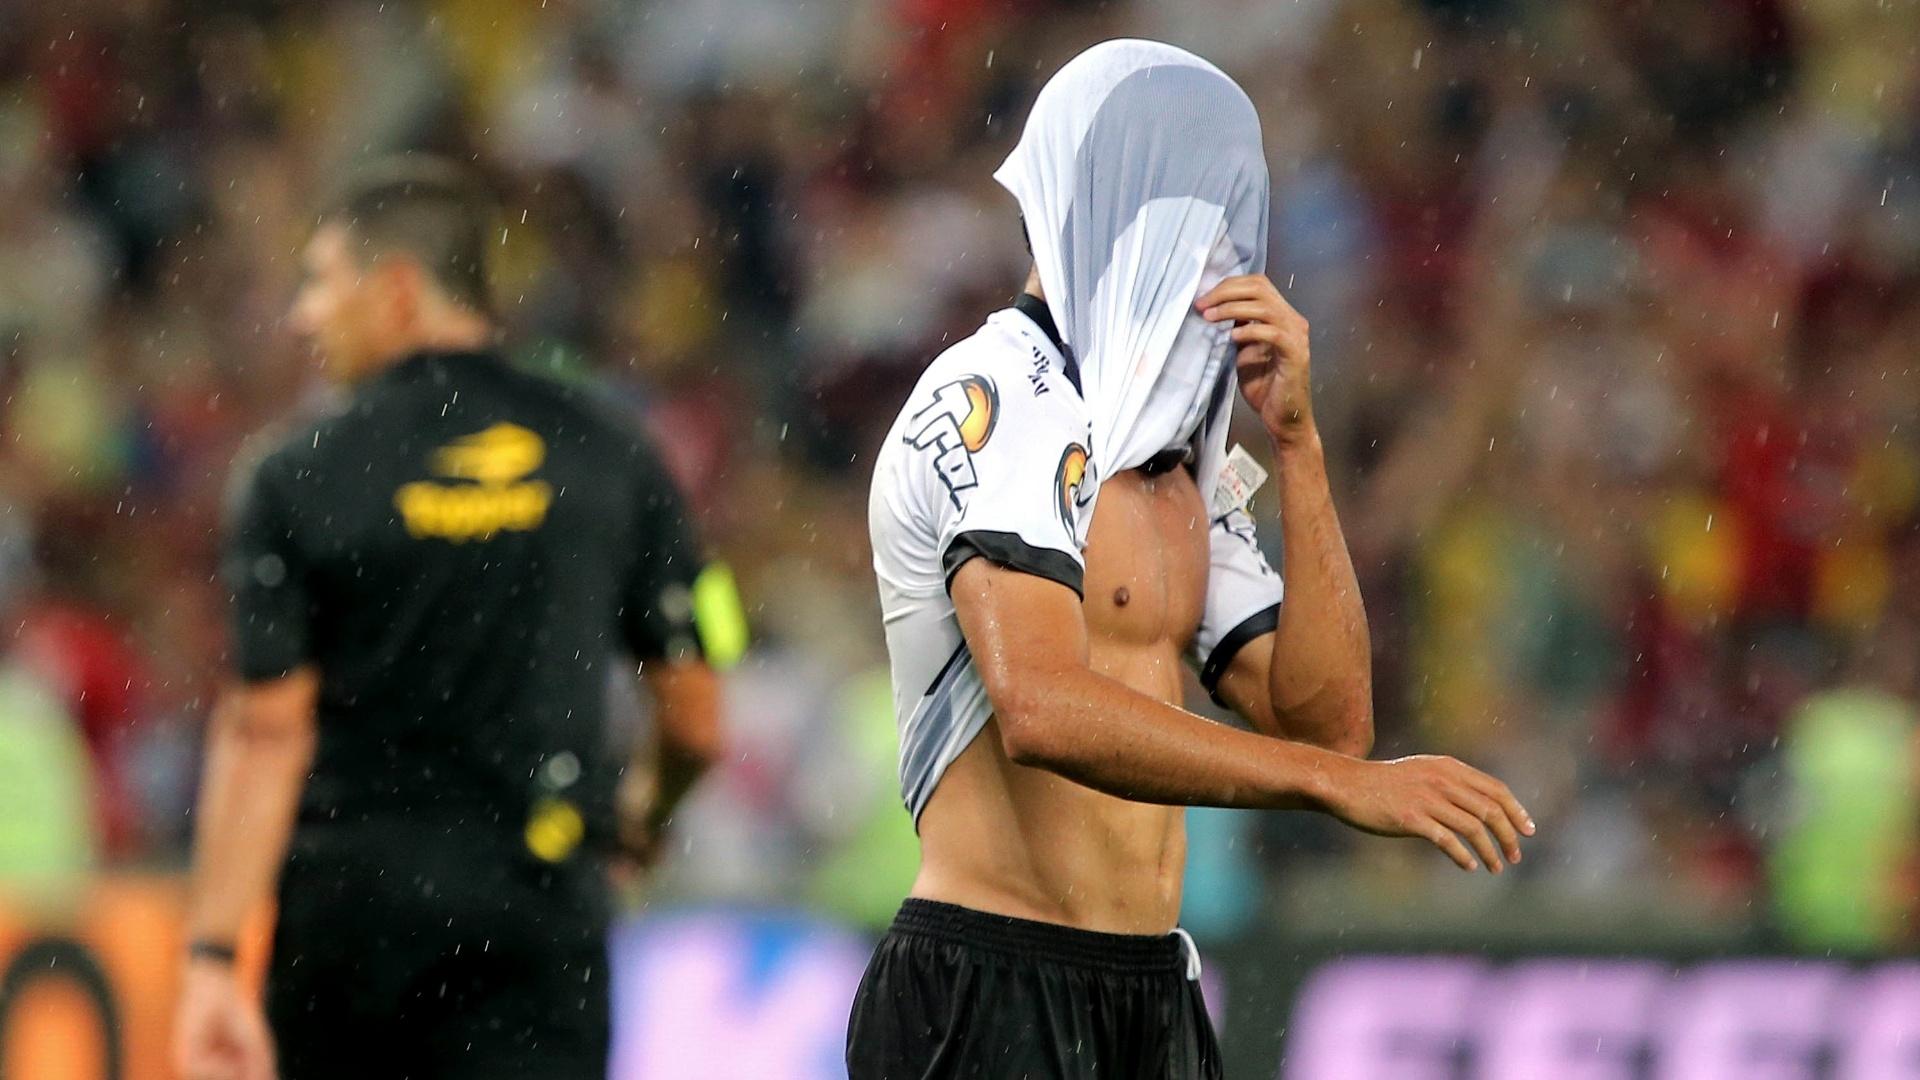 Jogador do Vasco esconde o rosto com a camisa após perder título do Campeonato Carioca